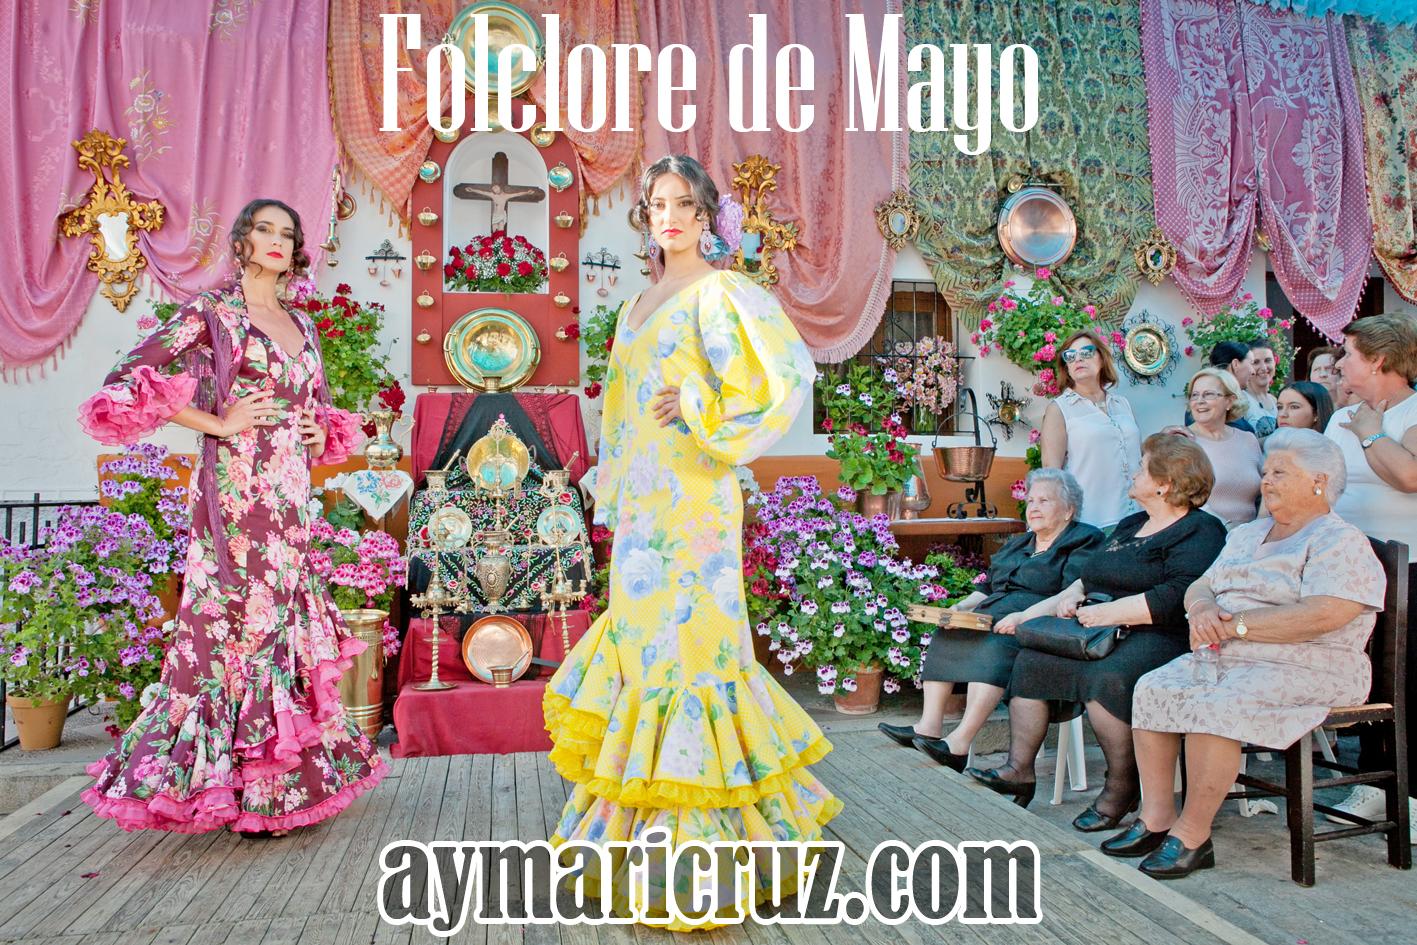 Folclore de Mayo